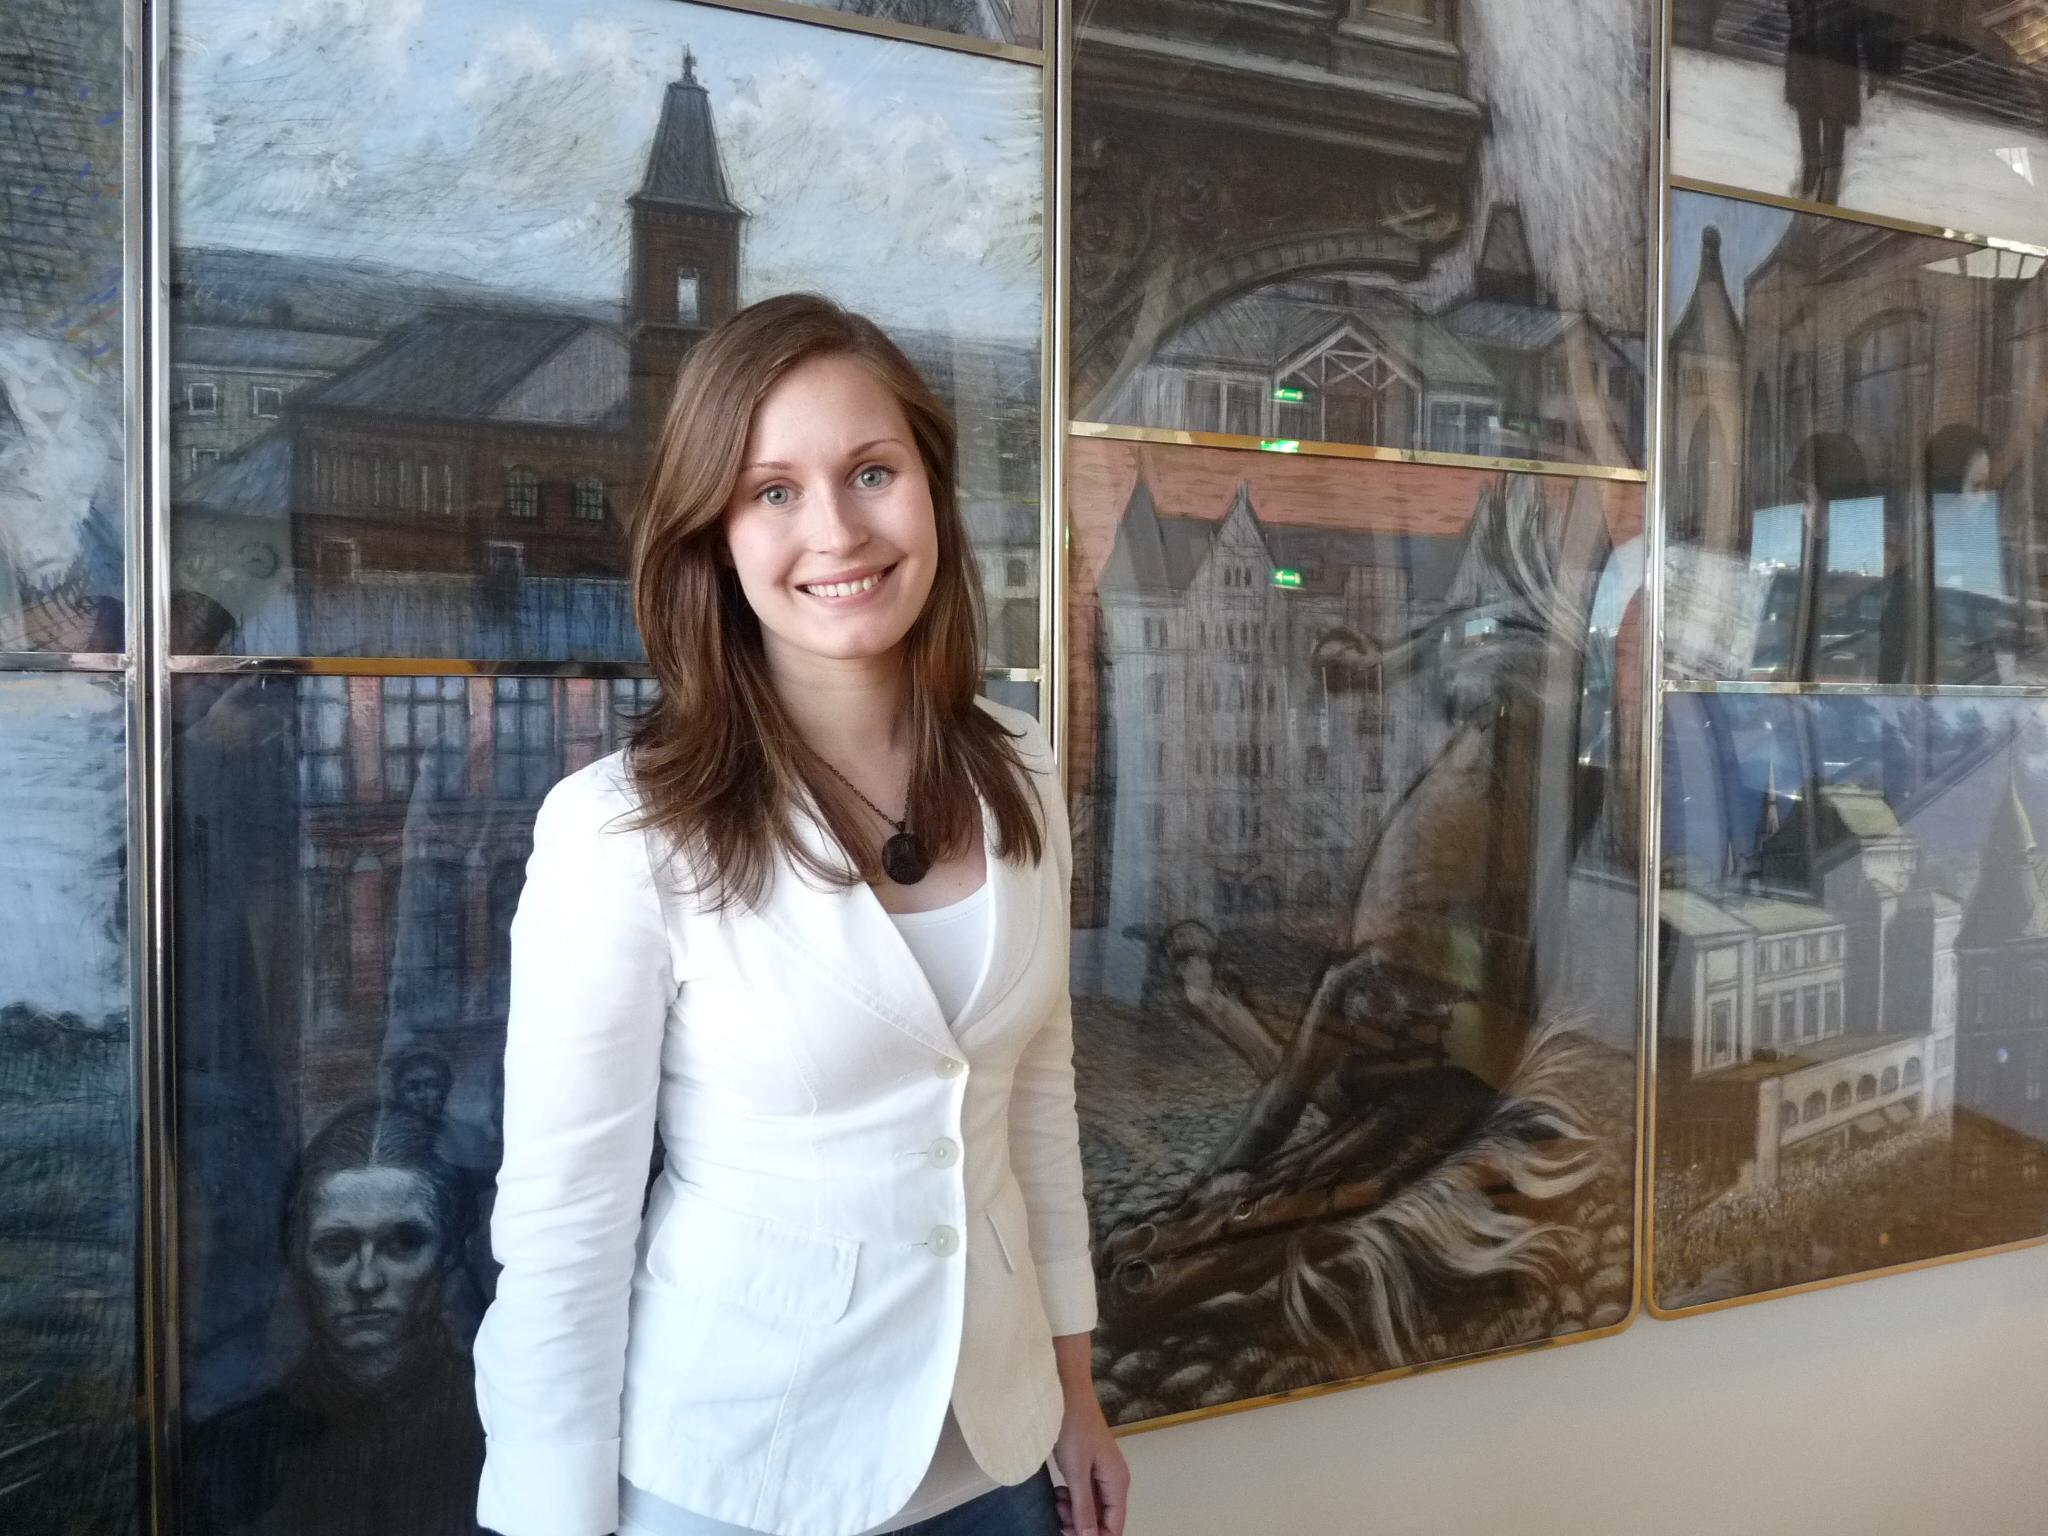 ΣΑΝΑ ΜΑΡΙΝ: Αυτή είναι η νέα πρωθυπουργός της Φινλανδίας!